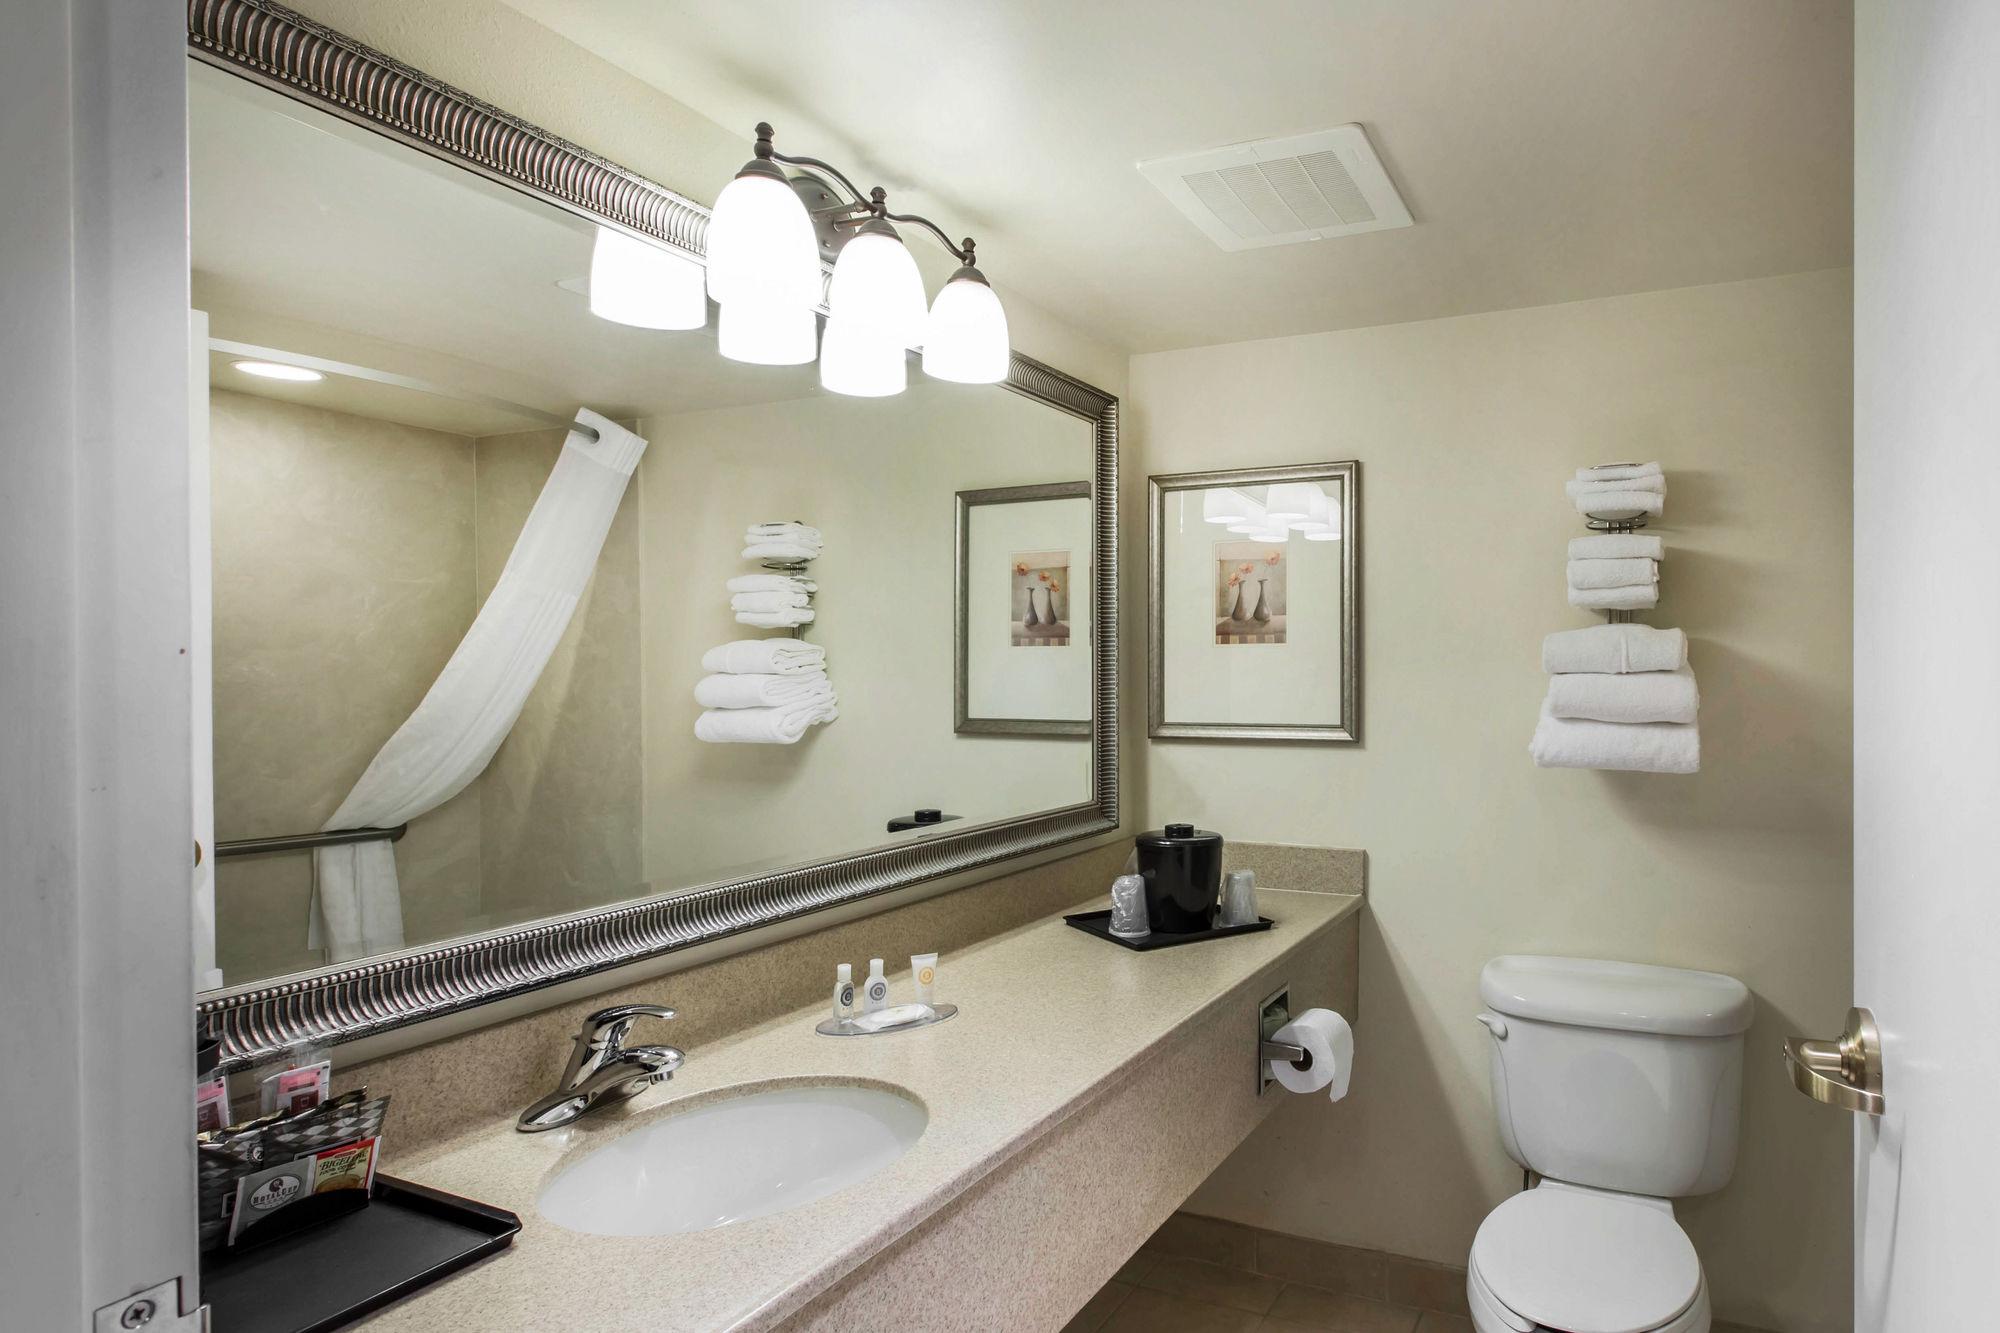 Comfort Inn & Suites in Cordele, GA